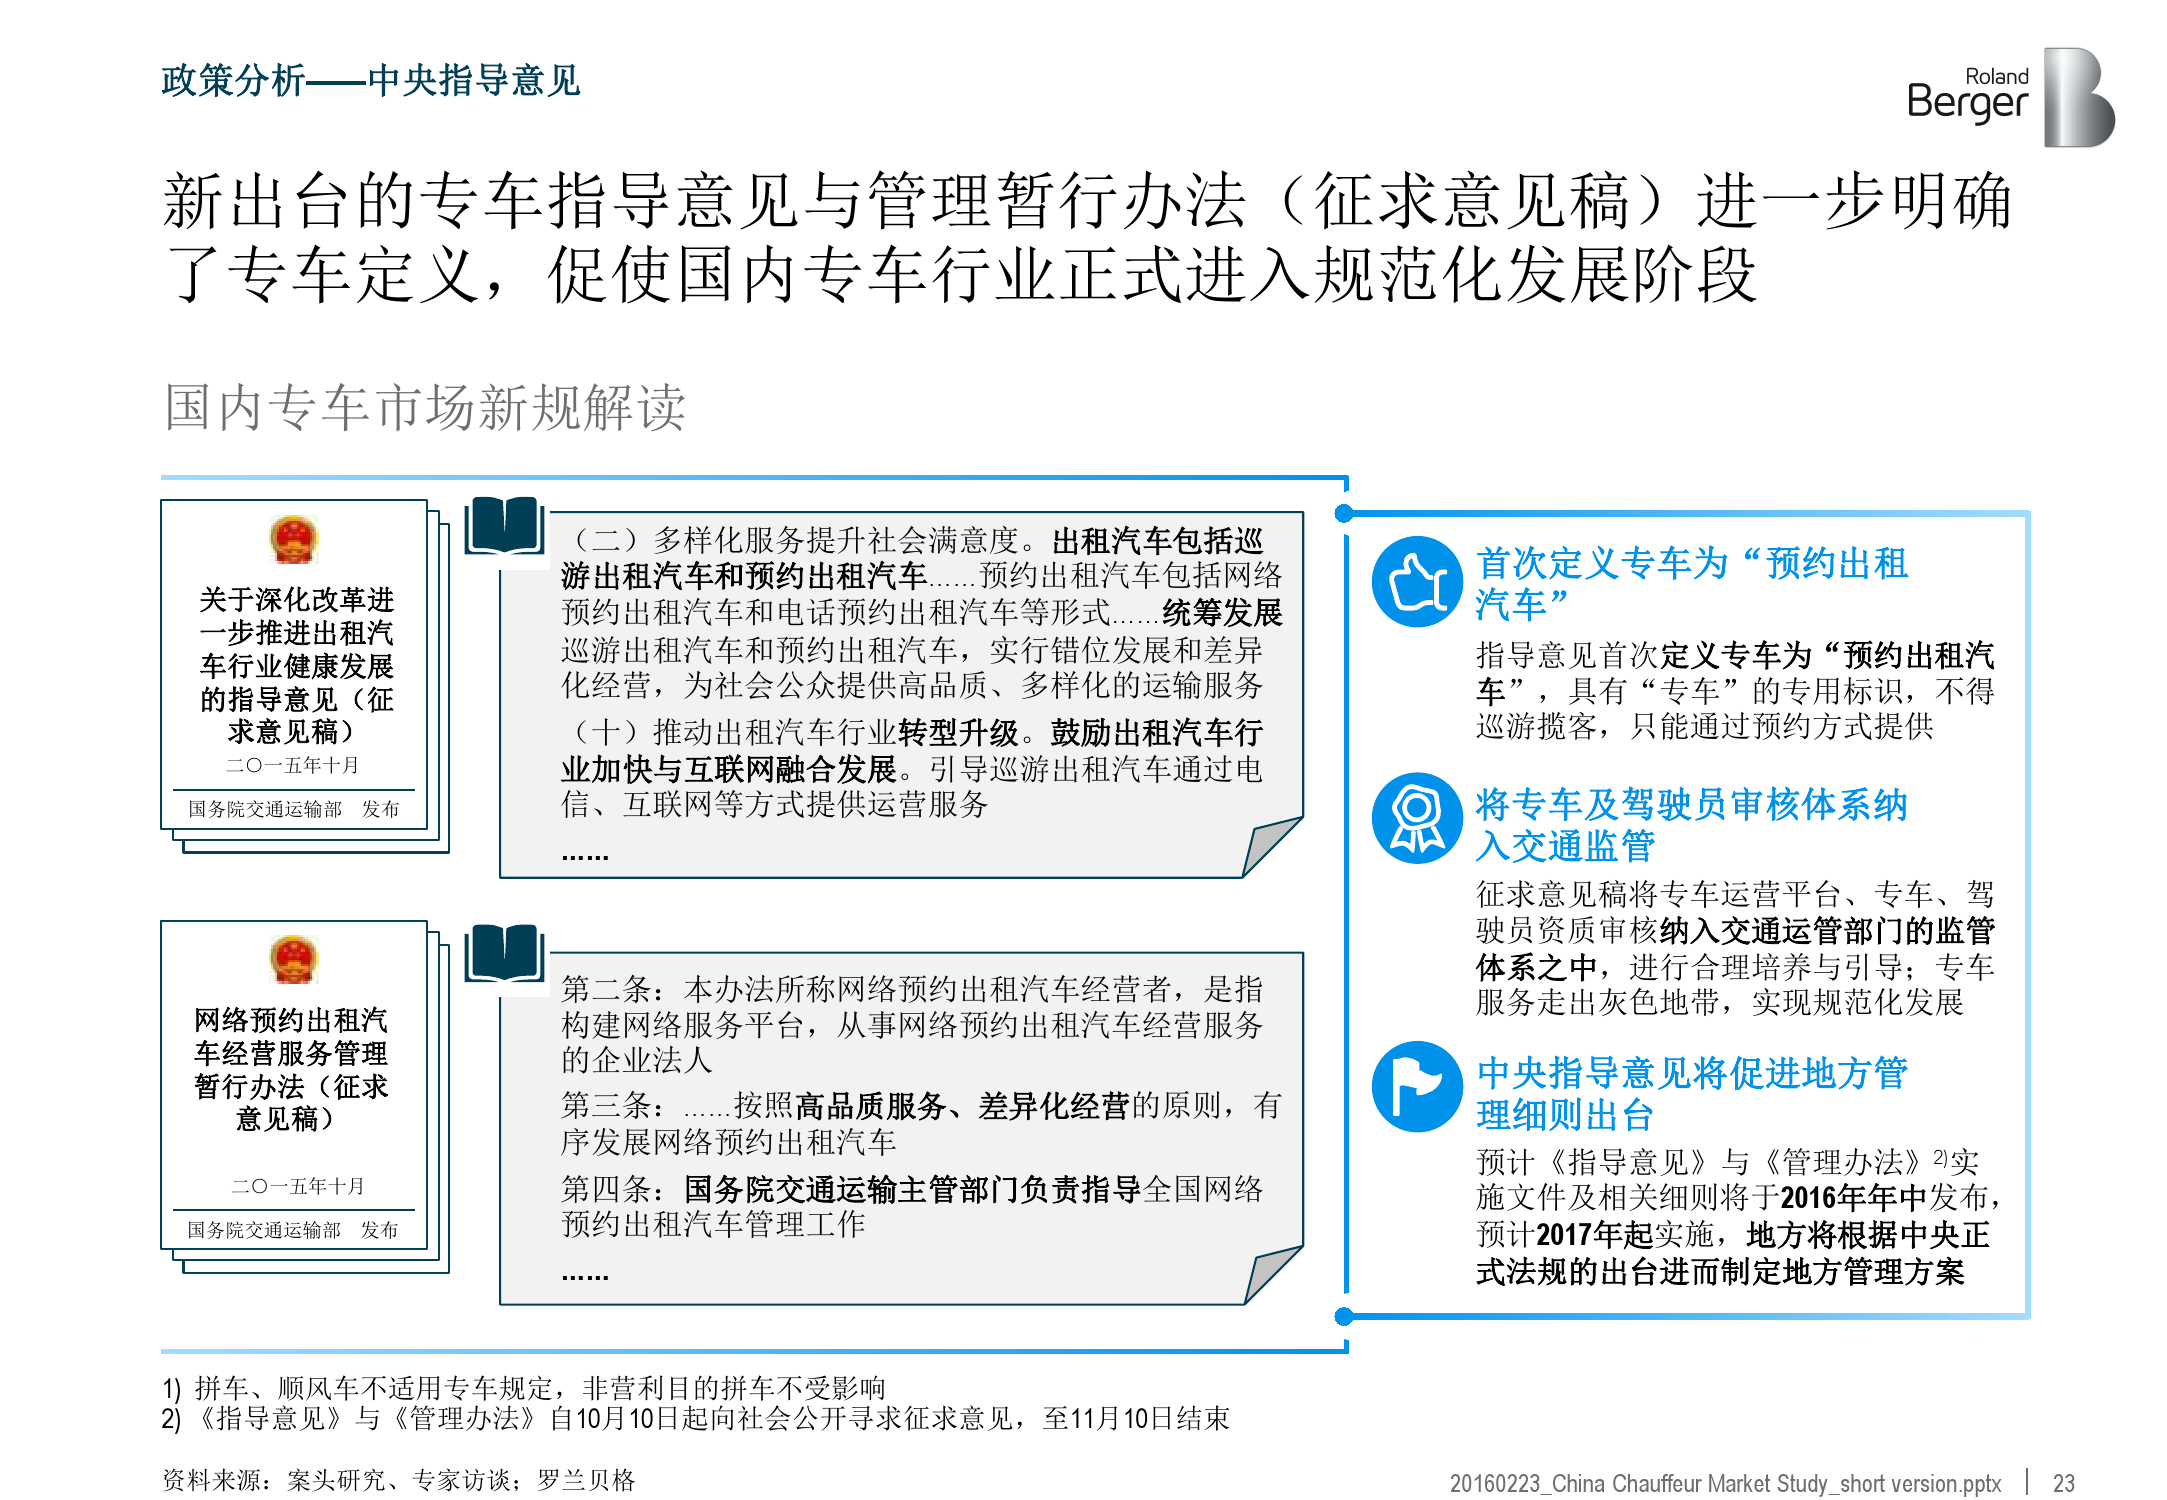 2016年中国专车市场分析报告_000023